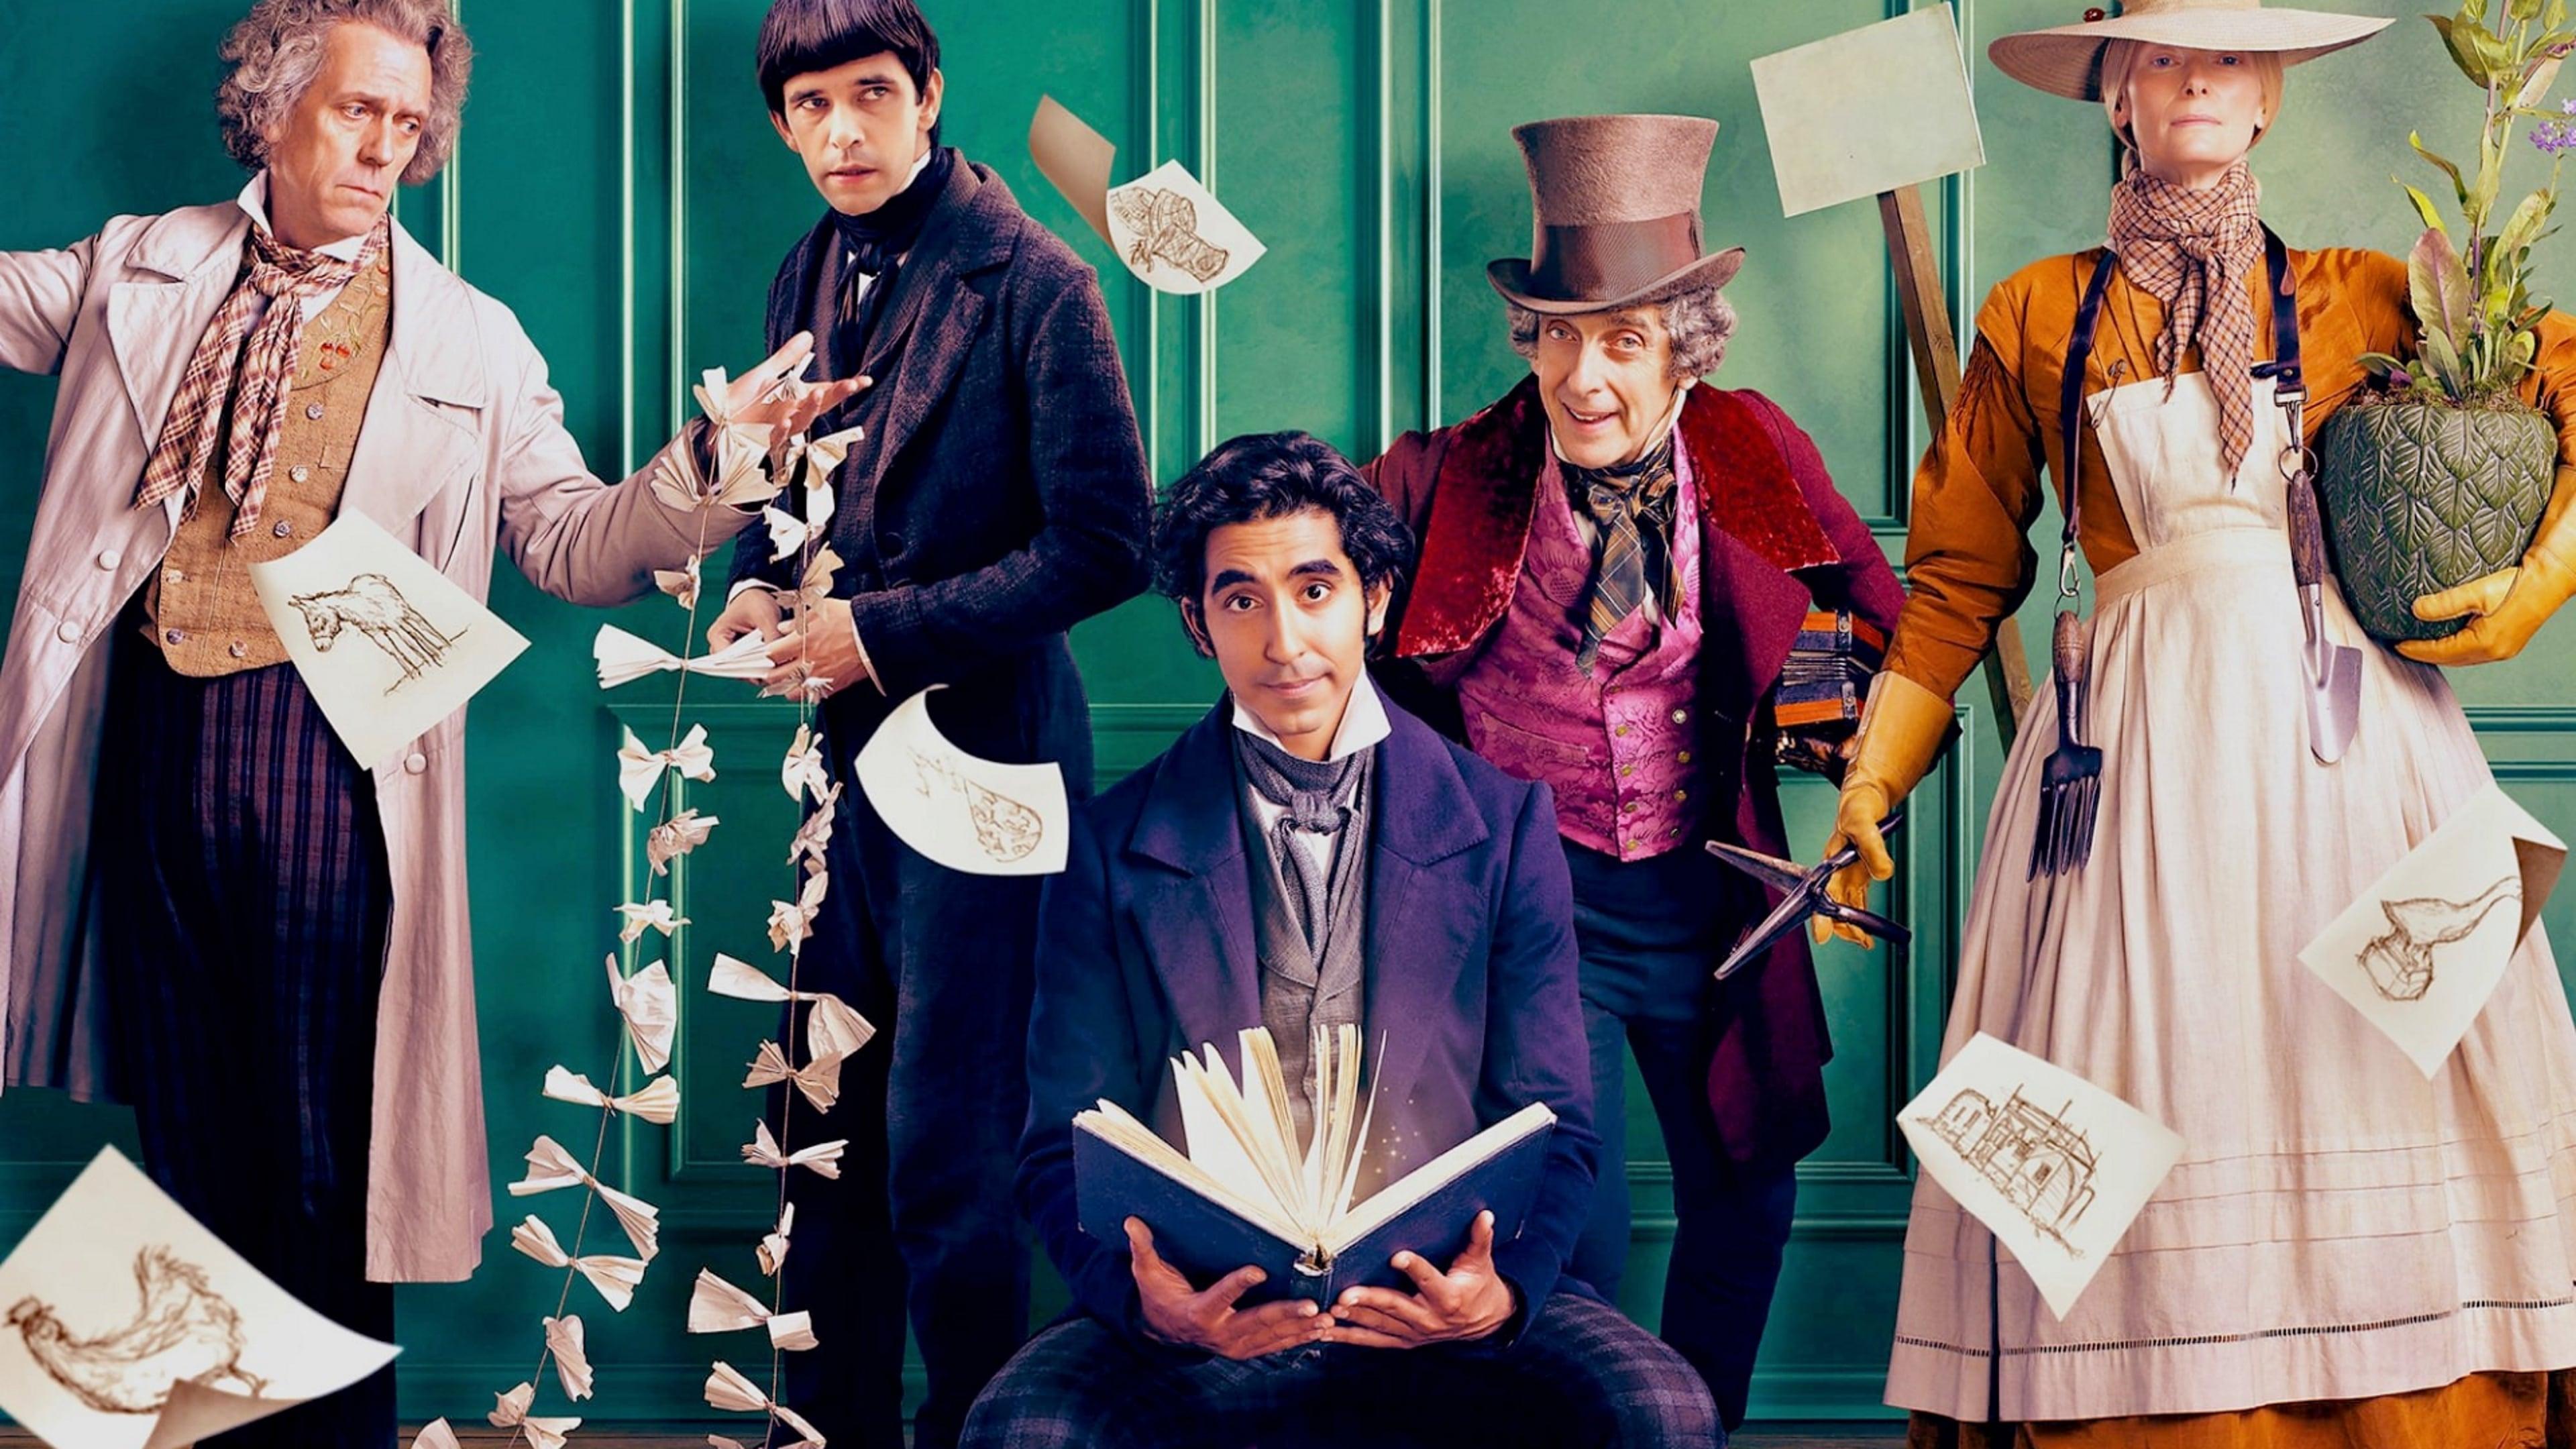 La increíble historia de David Copperfield 2019